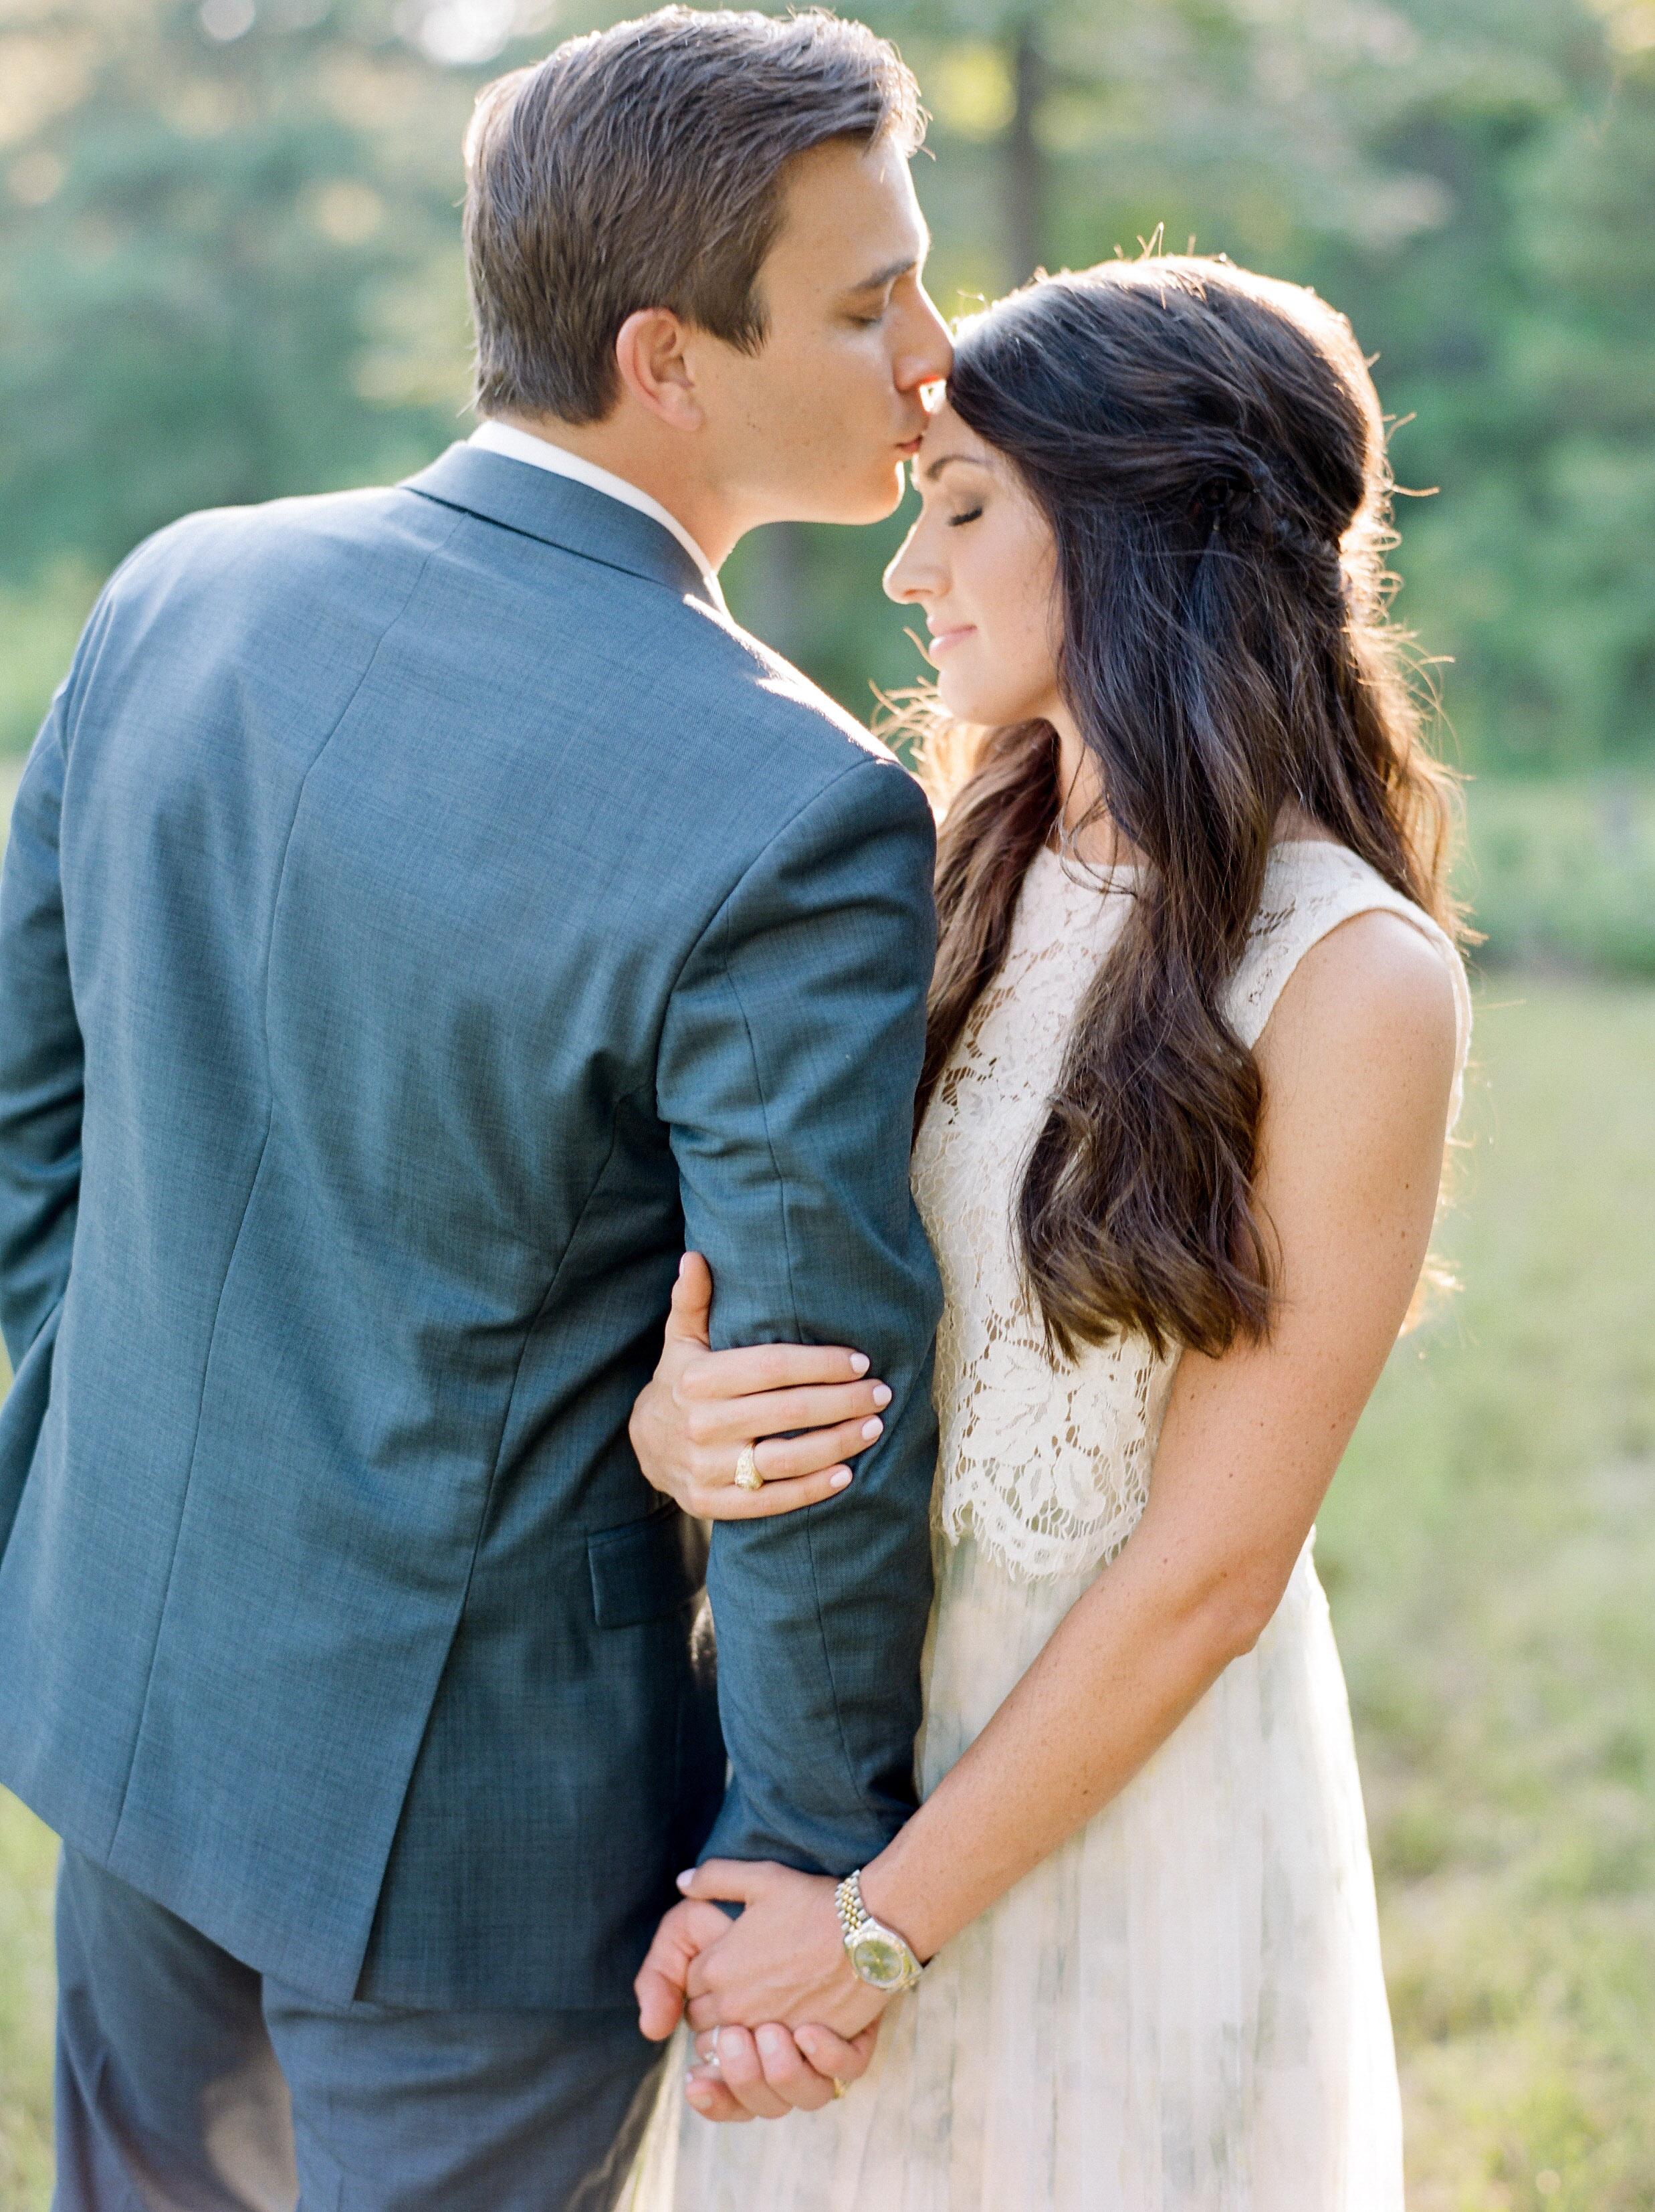 houston-wedding-photographer-engagements-engagement-session-houston-portrait-photographer-film-austin-wedding-photography-8.jpg